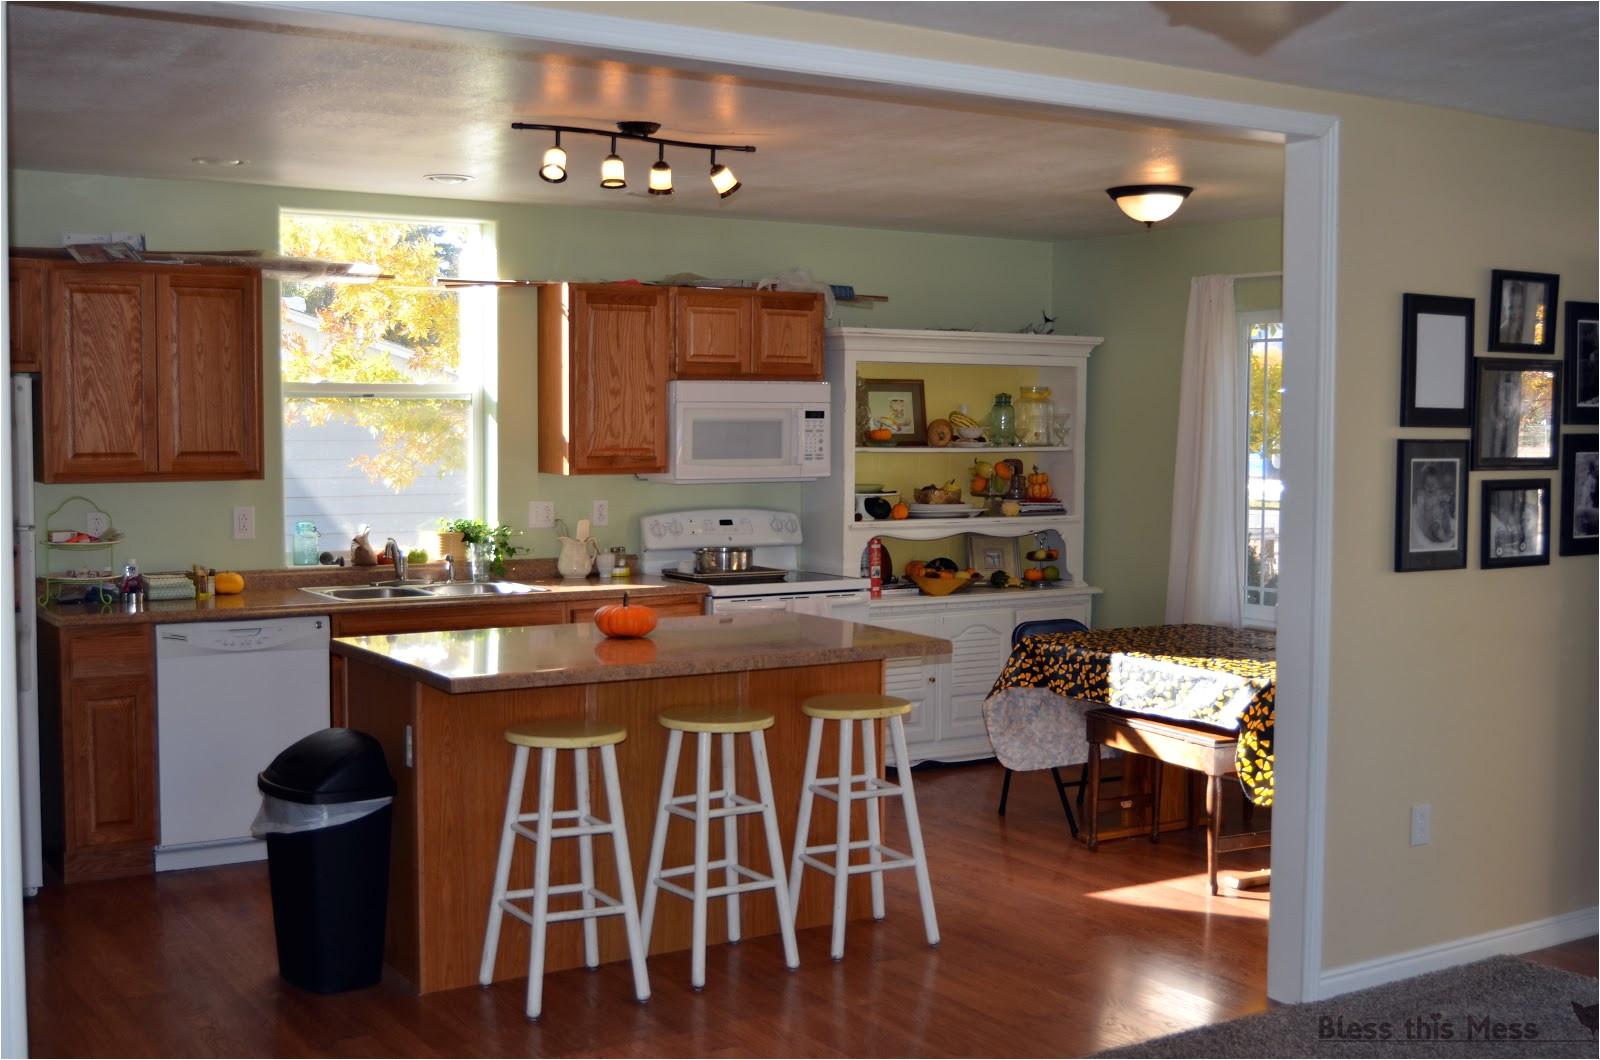 10x10 kitchen design best of 10u201410 kitchen design ideas u2013 kitchen island decoration 2018